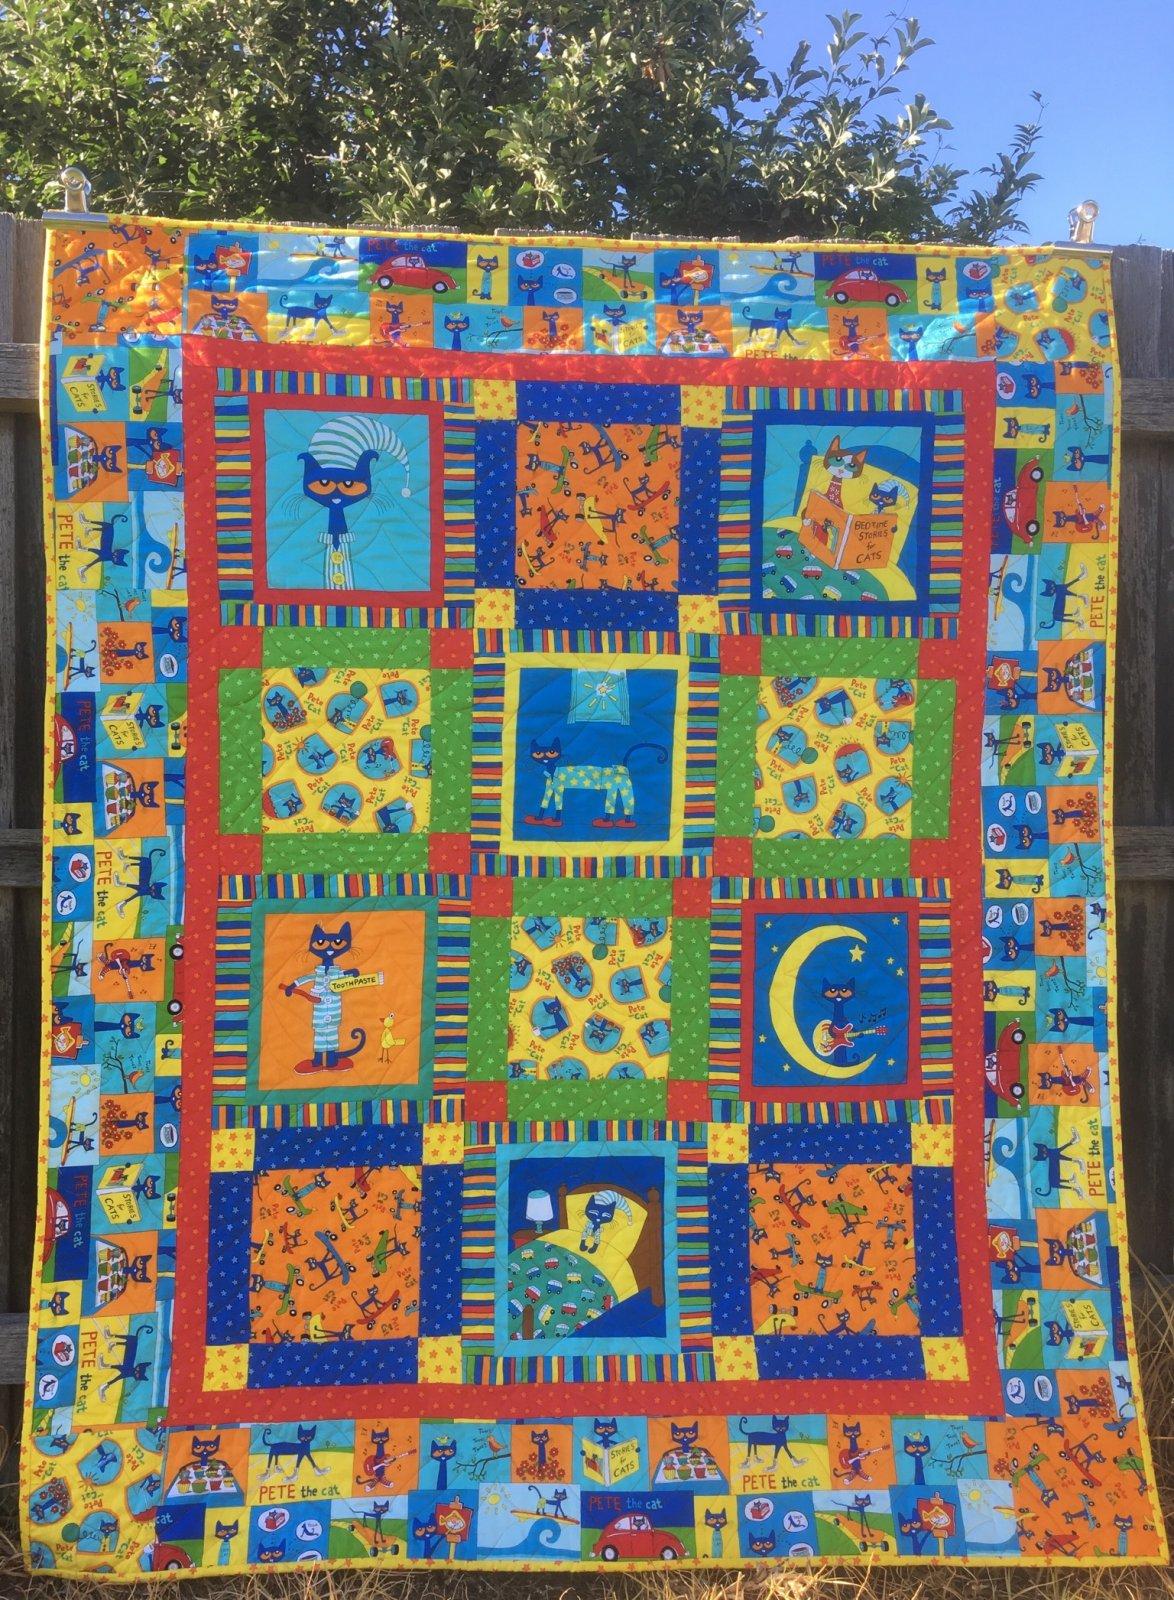 Pete the Cat quilt kit